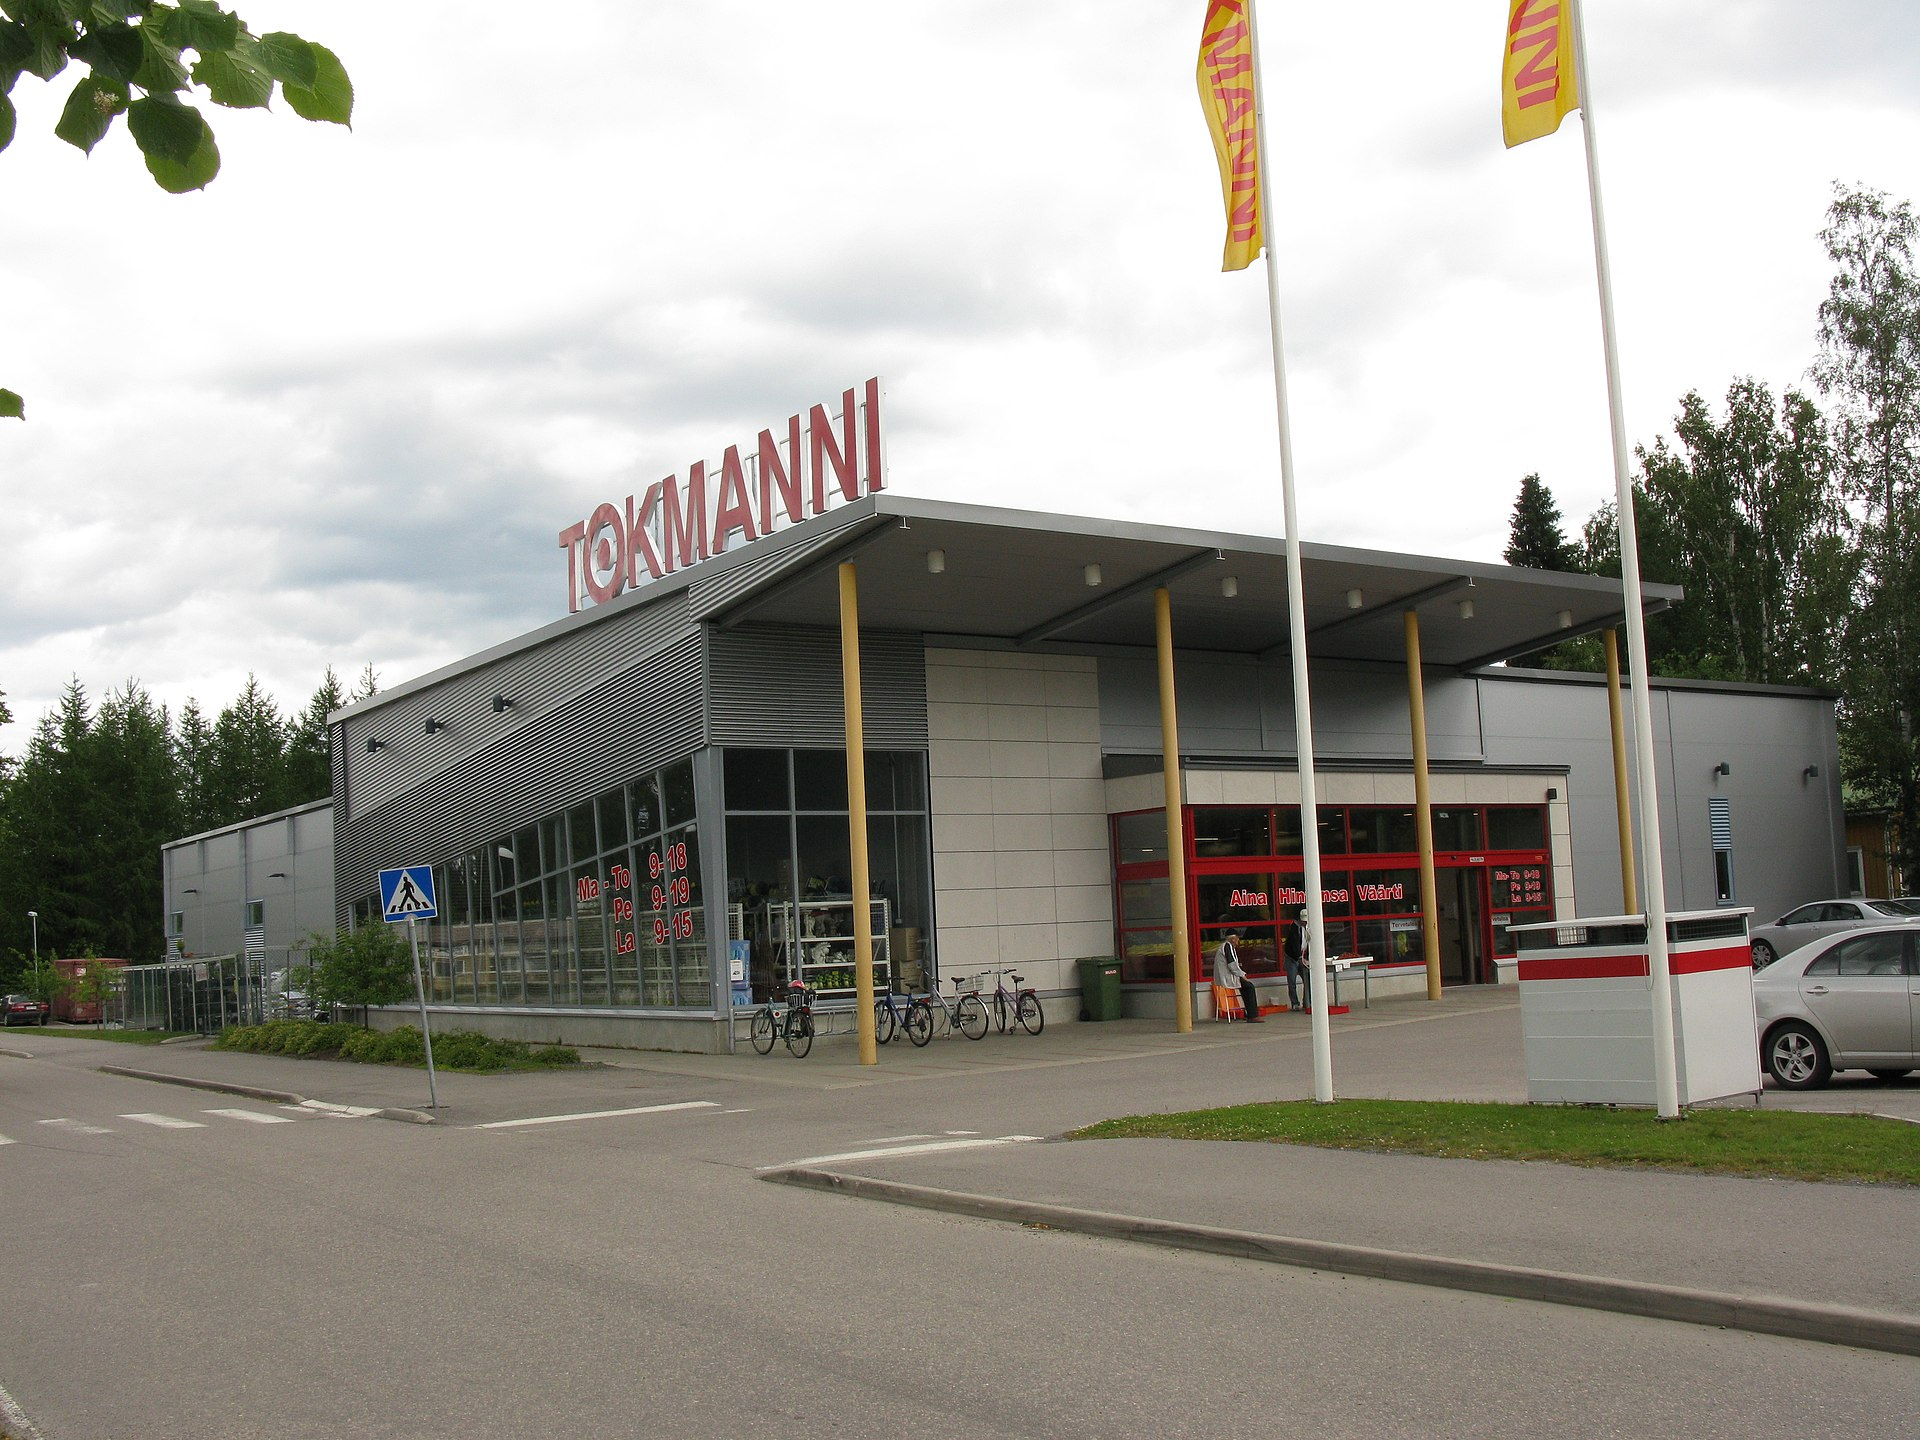 Joensuun Tokmanni